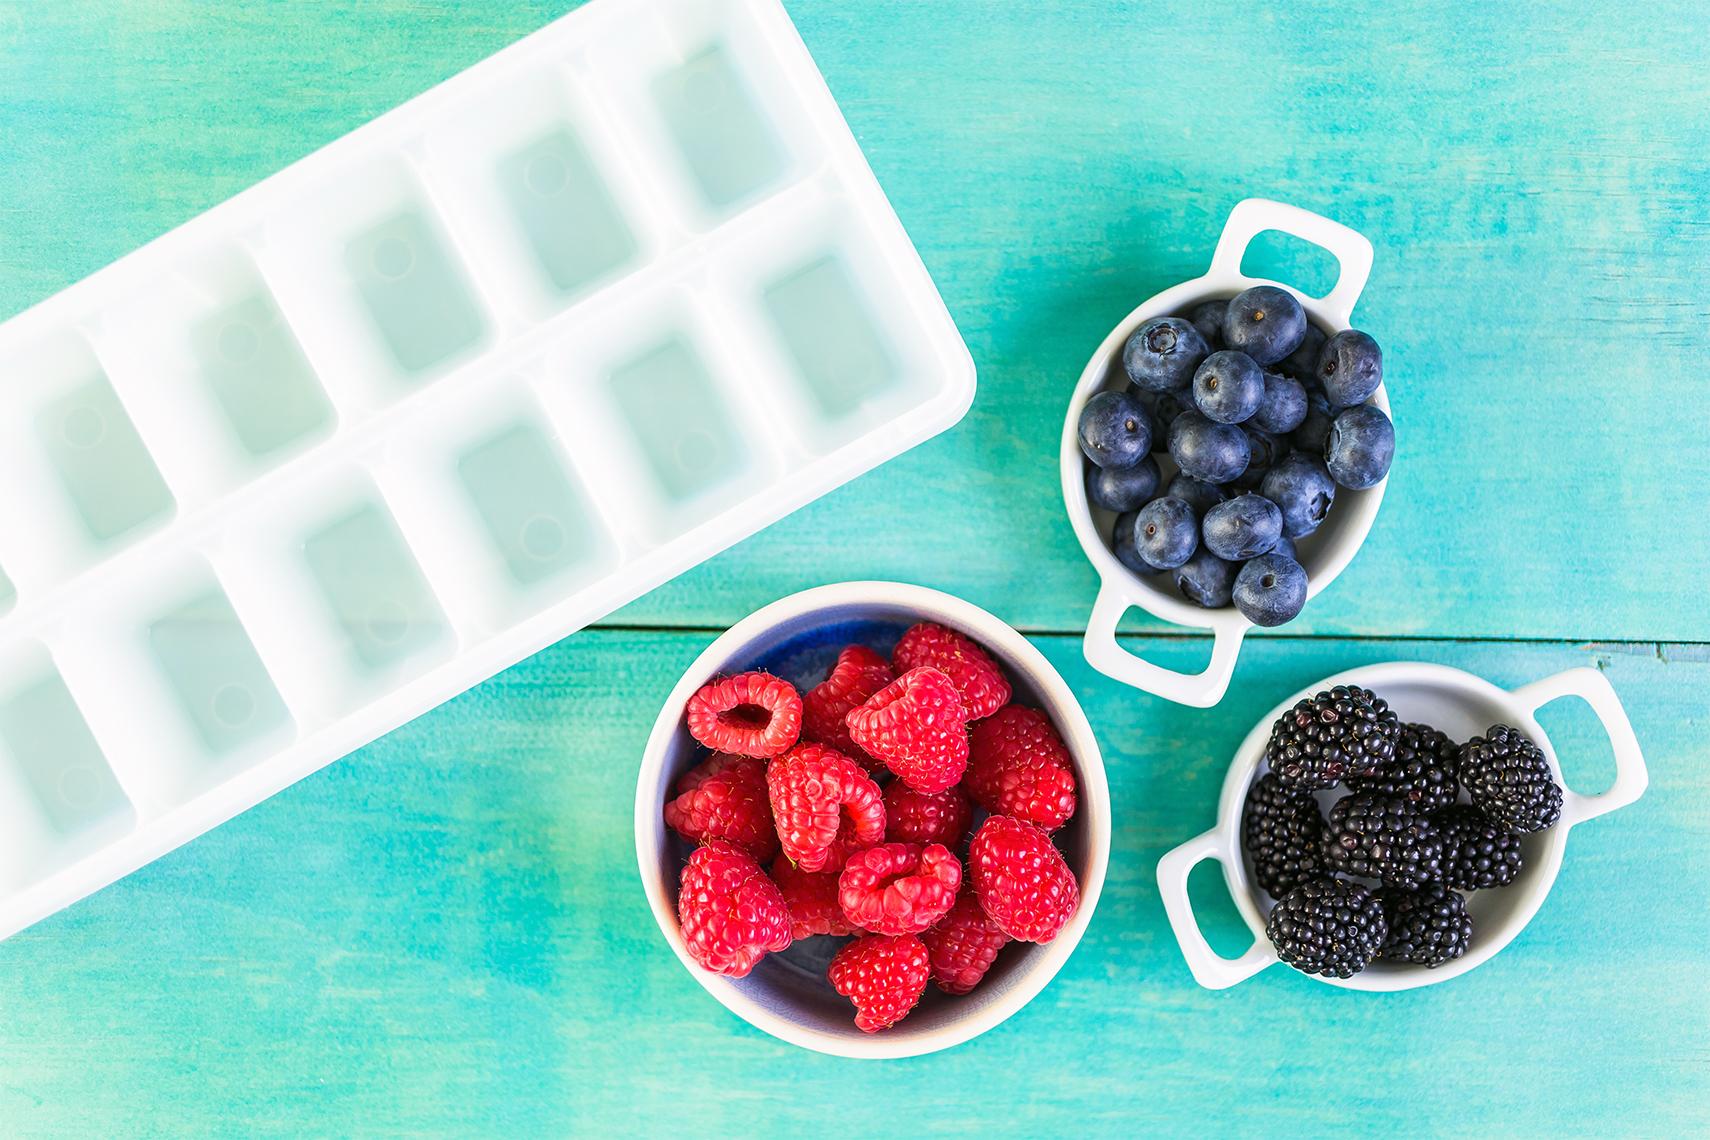 Cubeta de hielo, frambuesas, arándanos y moras oscuras